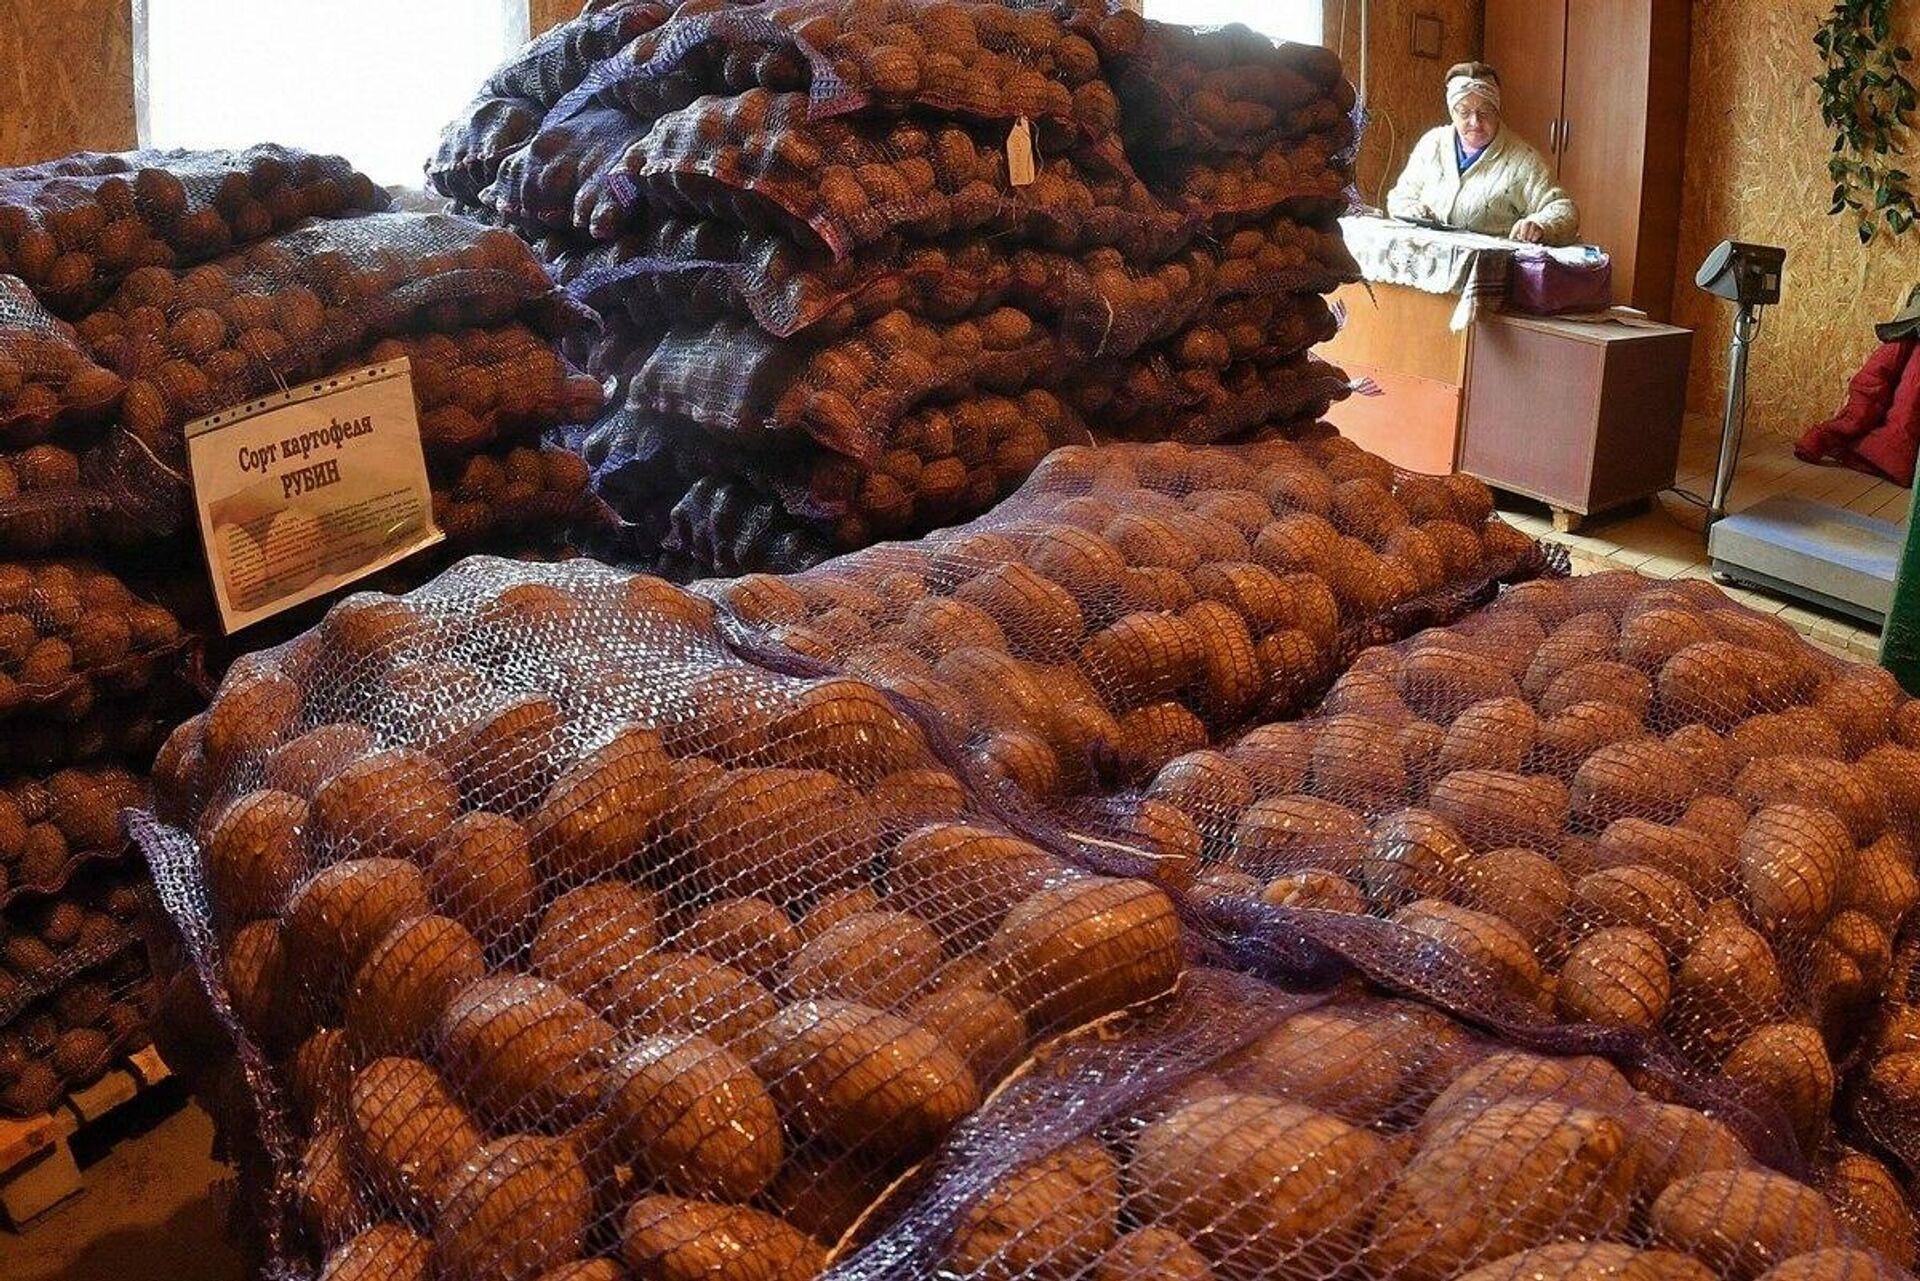 Чем дольше хранится такая картошка - тем больше в ней накапливаются редуцирующие сахара - Sputnik Беларусь, 1920, 07.10.2021